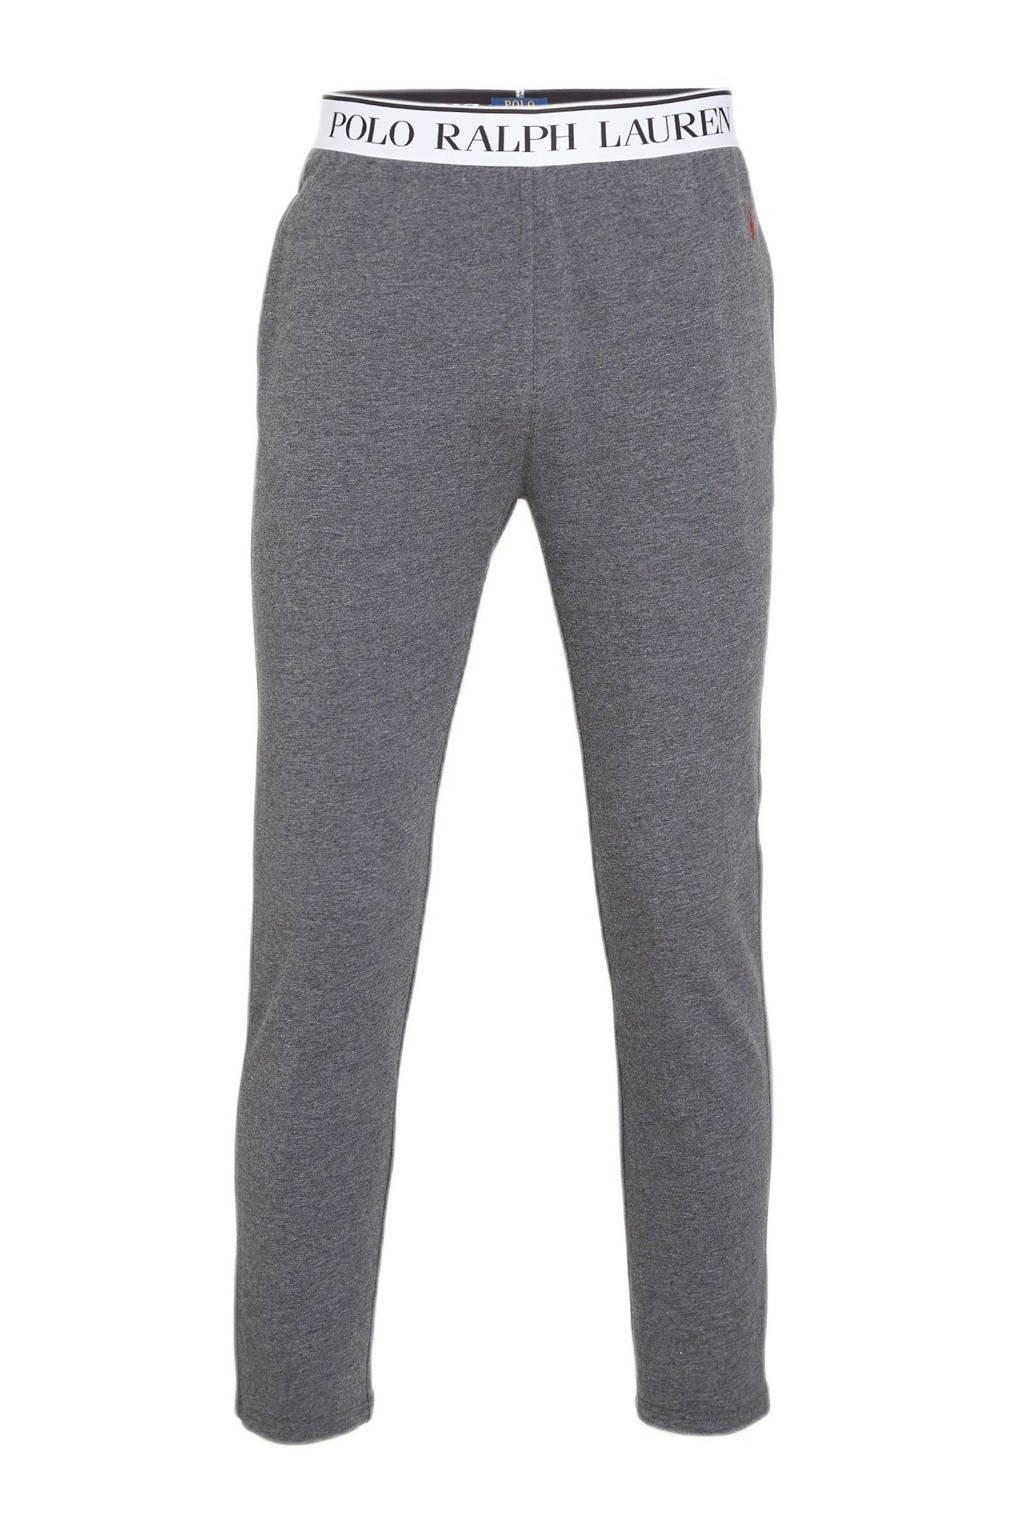 POLO Ralph Lauren pyjamabroek donkergrijs, Donkergrijs